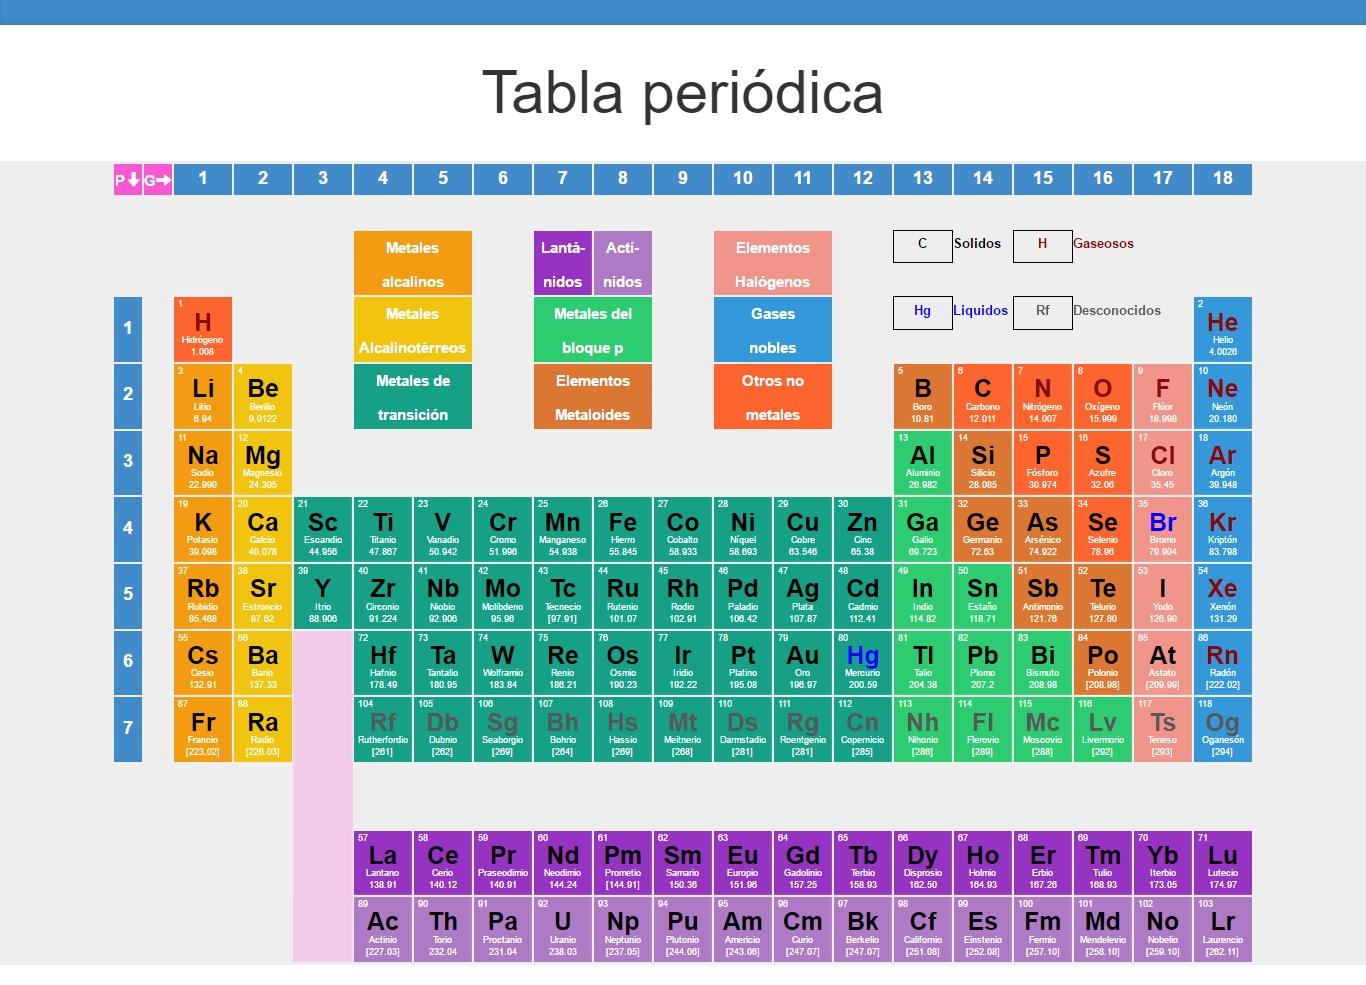 Tabla peridica elementos qumicos significado imgen imagen de la tabla periodica urtaz Gallery